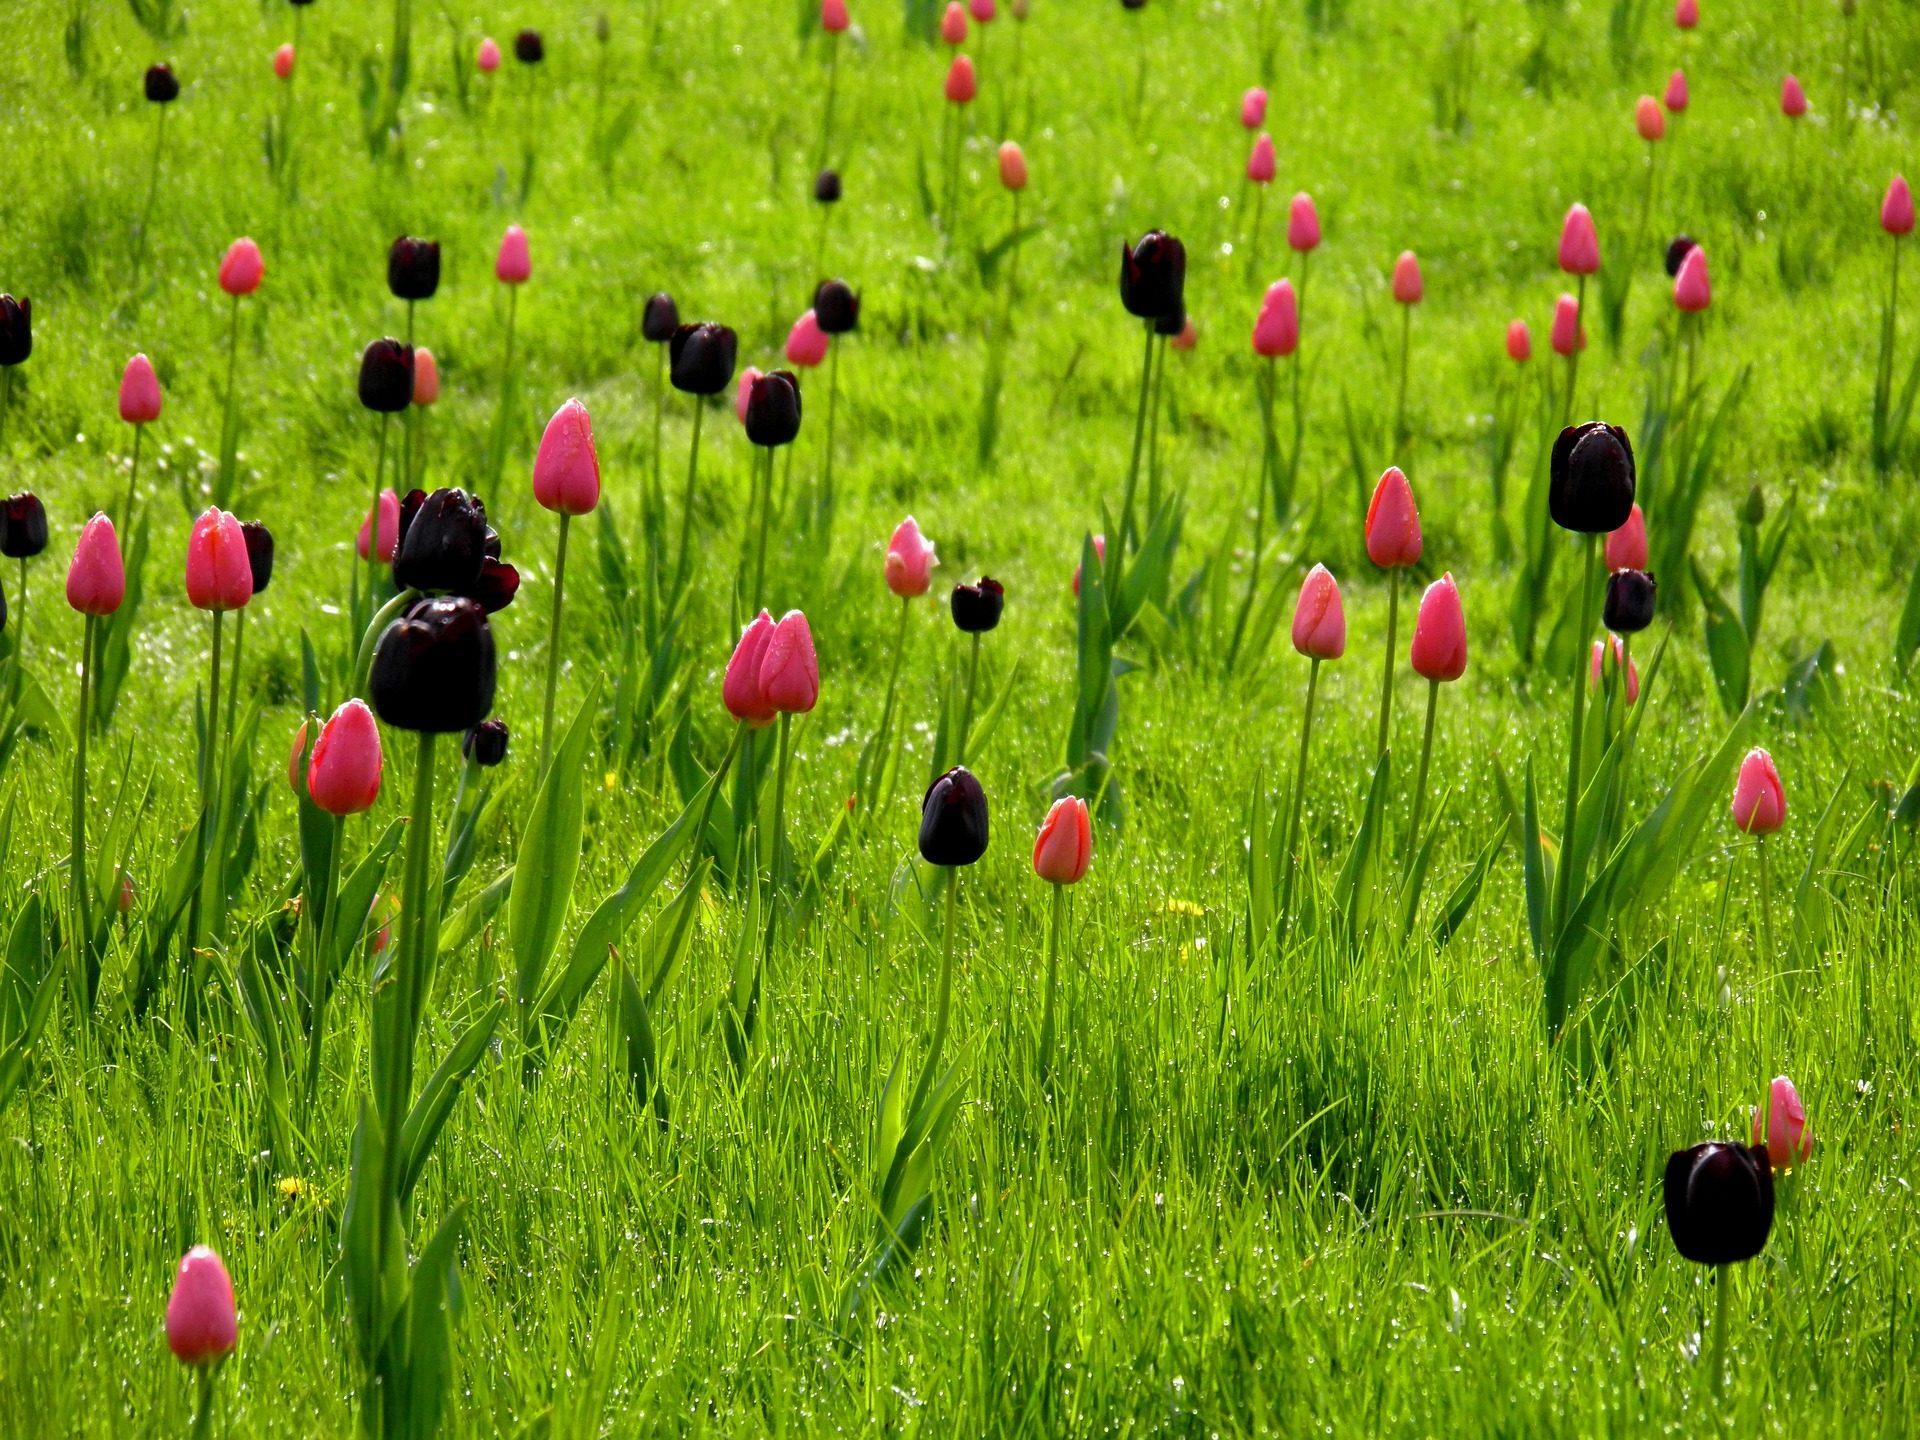 Тюльпаны, ПРАДО, Цветы, поле, трава, Floración - Обои HD - Профессор falken.com